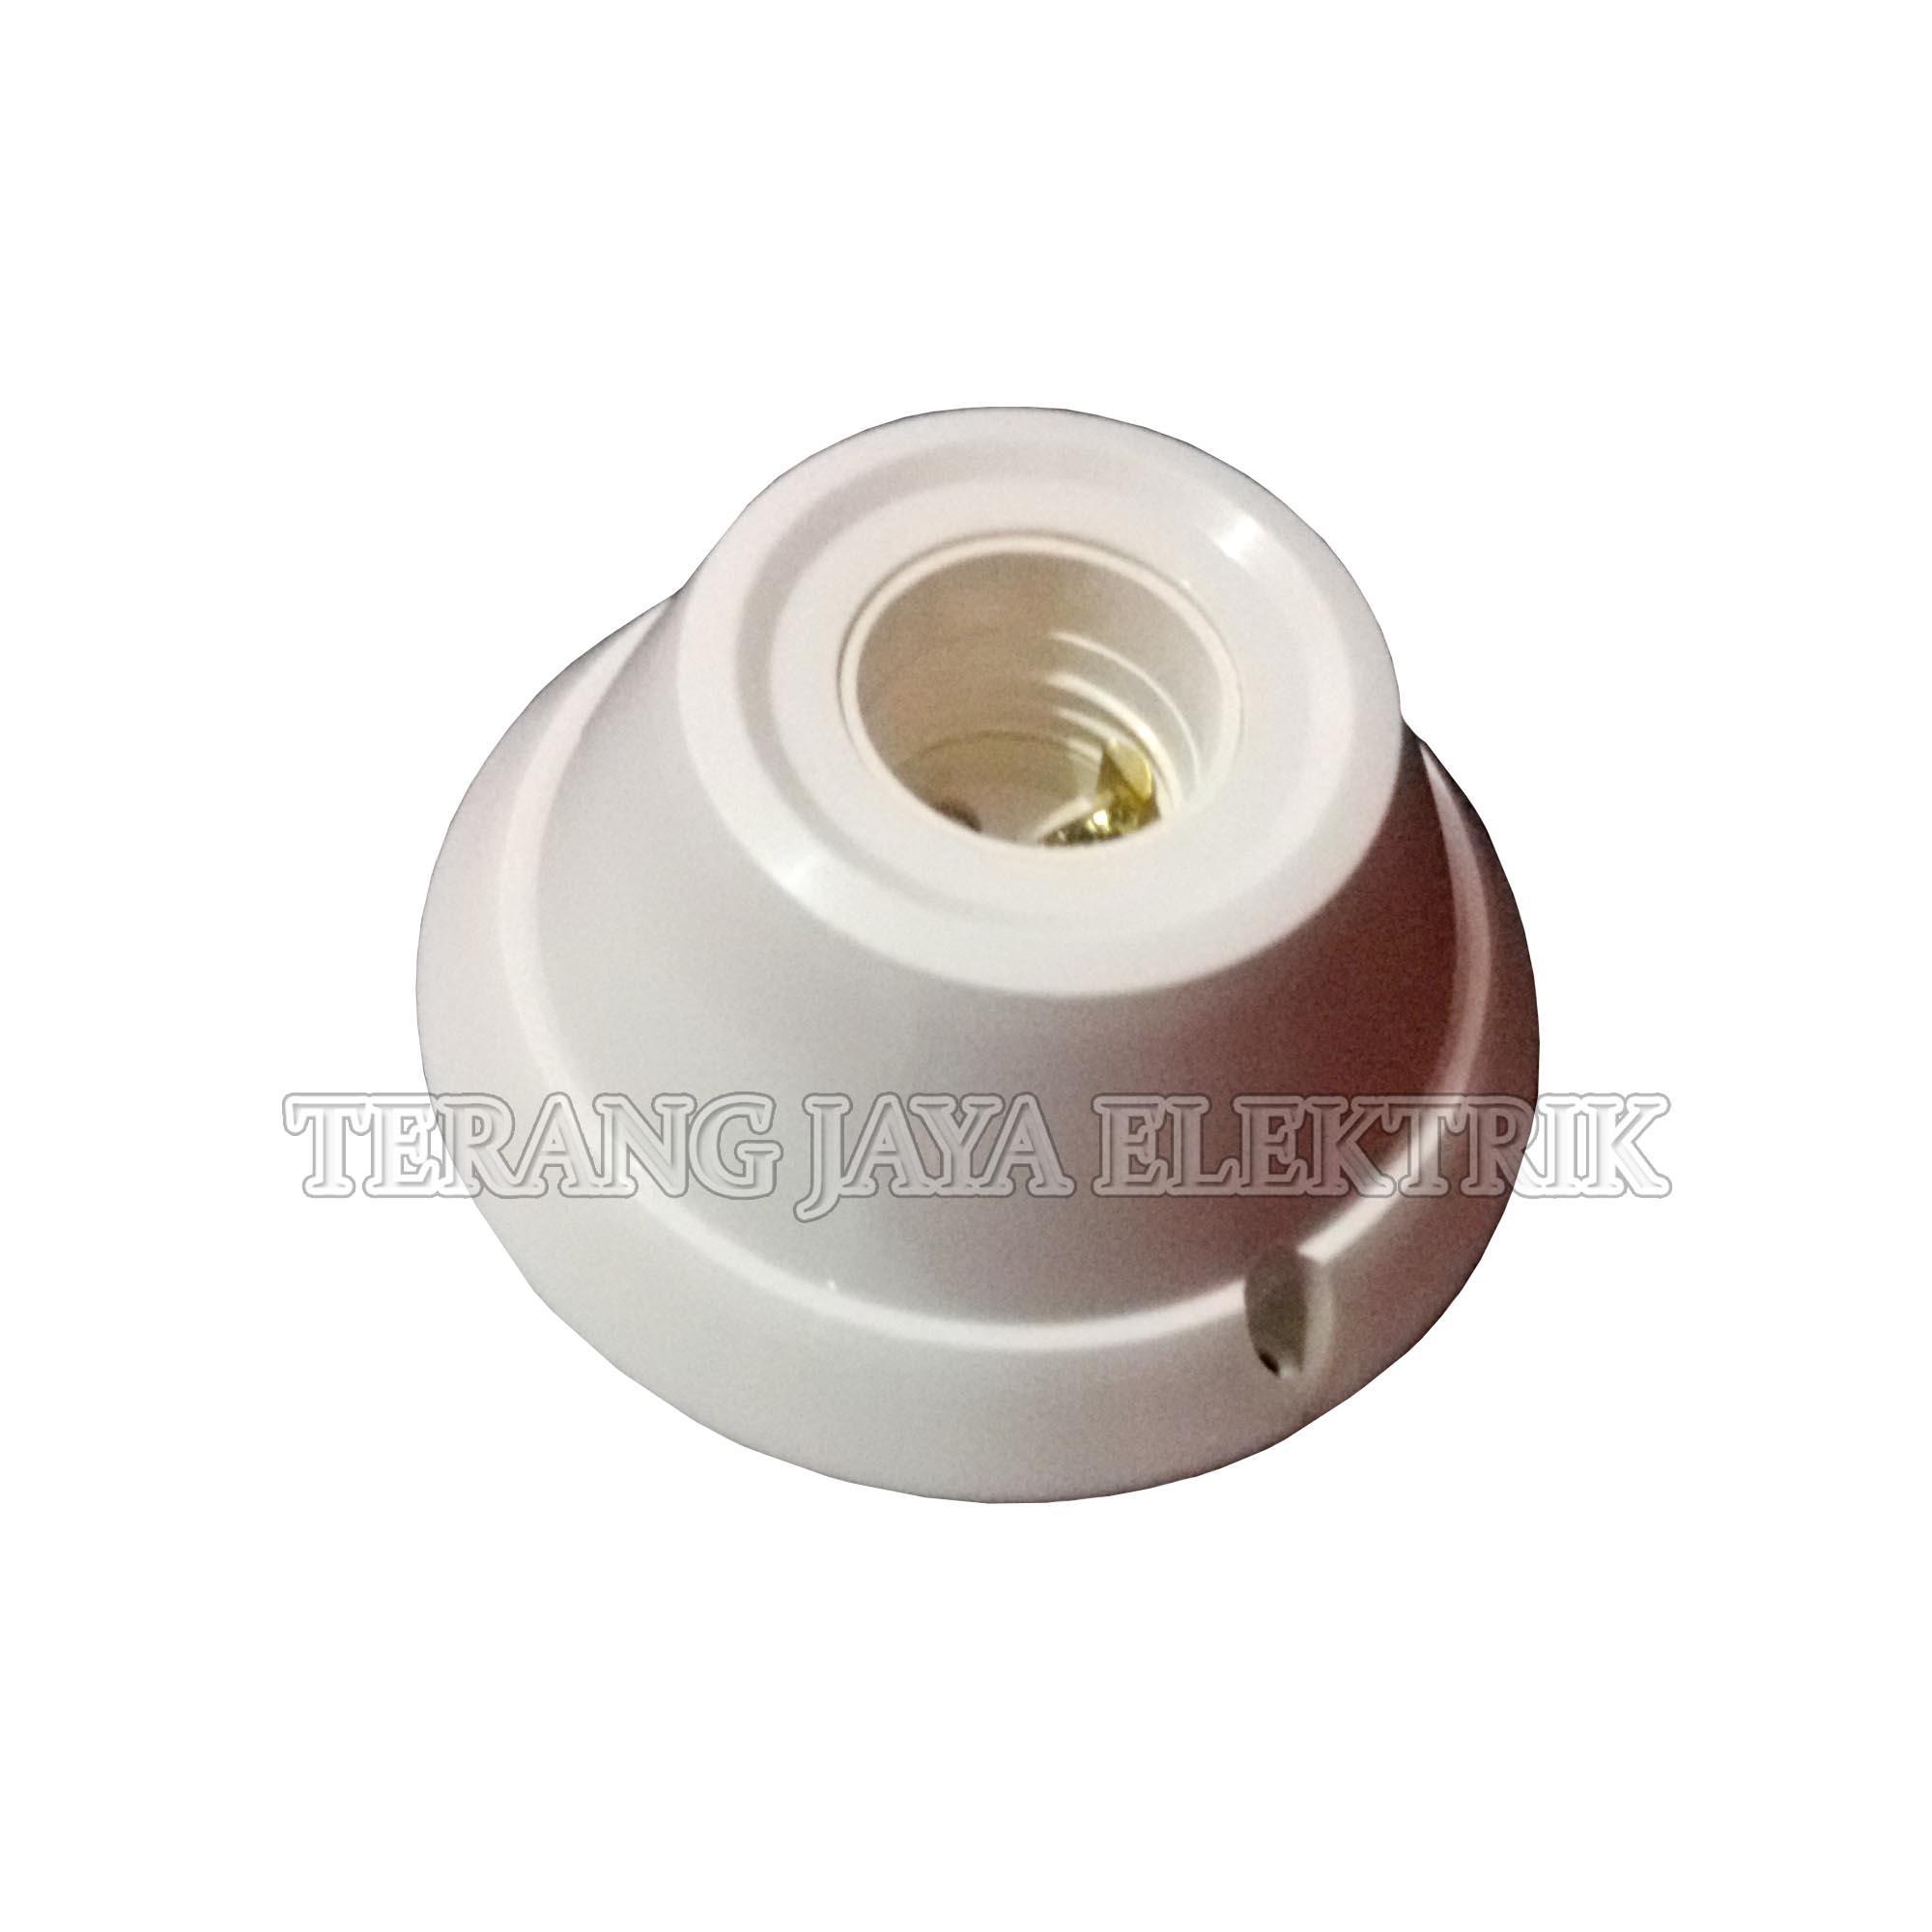 ... Fitting/Fiting/Rumah Lampu Plafon E27 Bulat Panasonic 10 Pcs Putih - 3